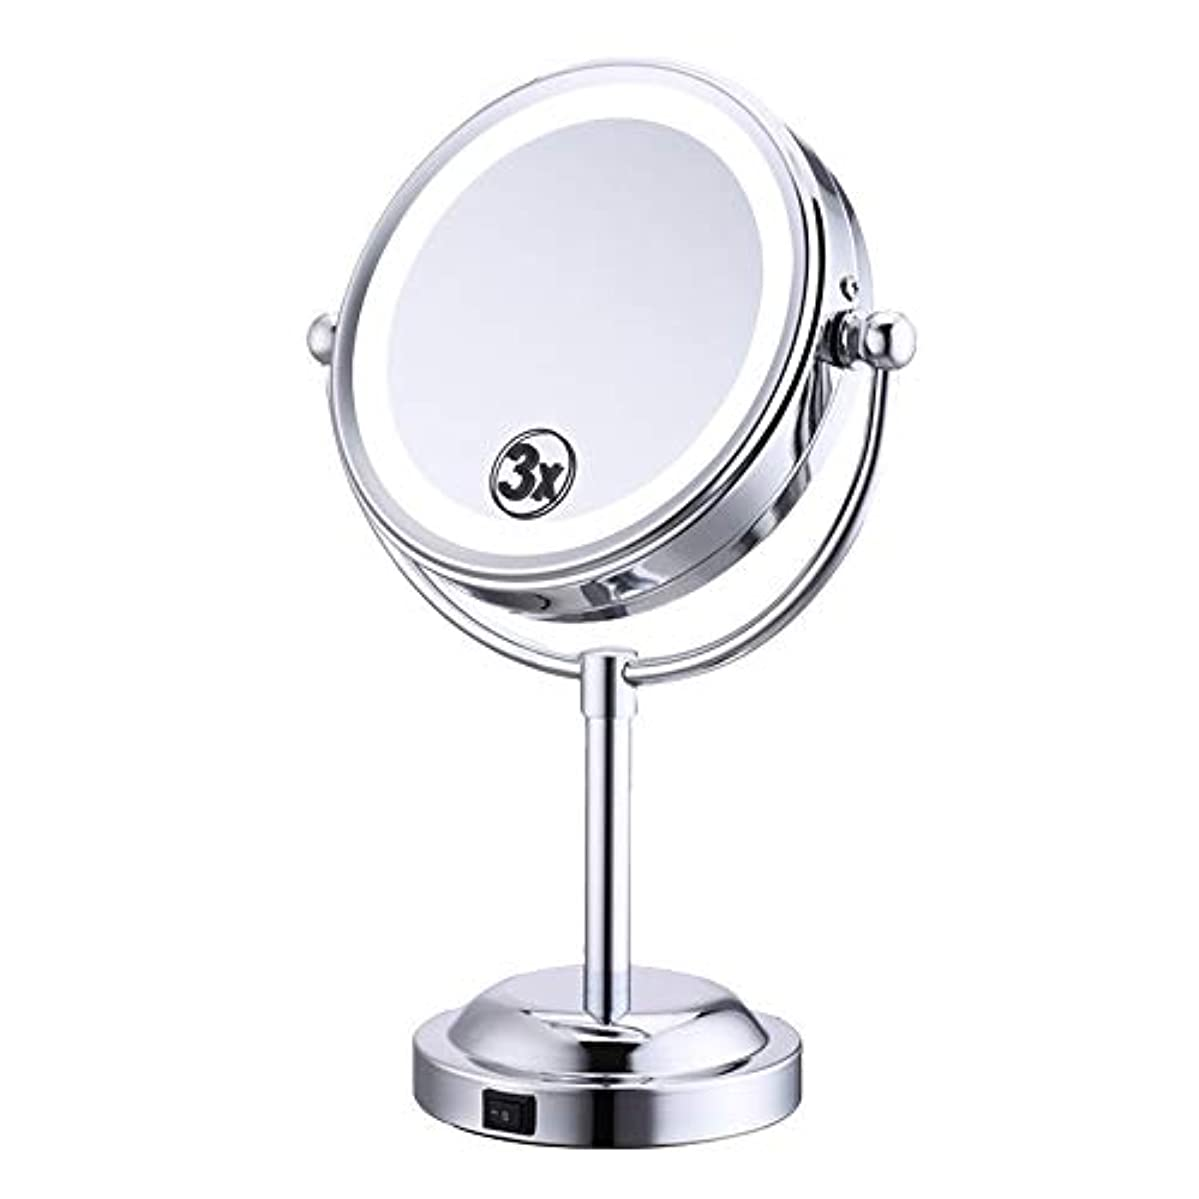 手がかりマングルモルヒネ化粧鏡 3倍 拡大鏡 LED ライト付き 拡大+等倍 両面鏡 スタンドミラー 卓上 メイクミラー 360度回転 卓上ミラー 浴室鏡 女優ミラー 真実の鏡